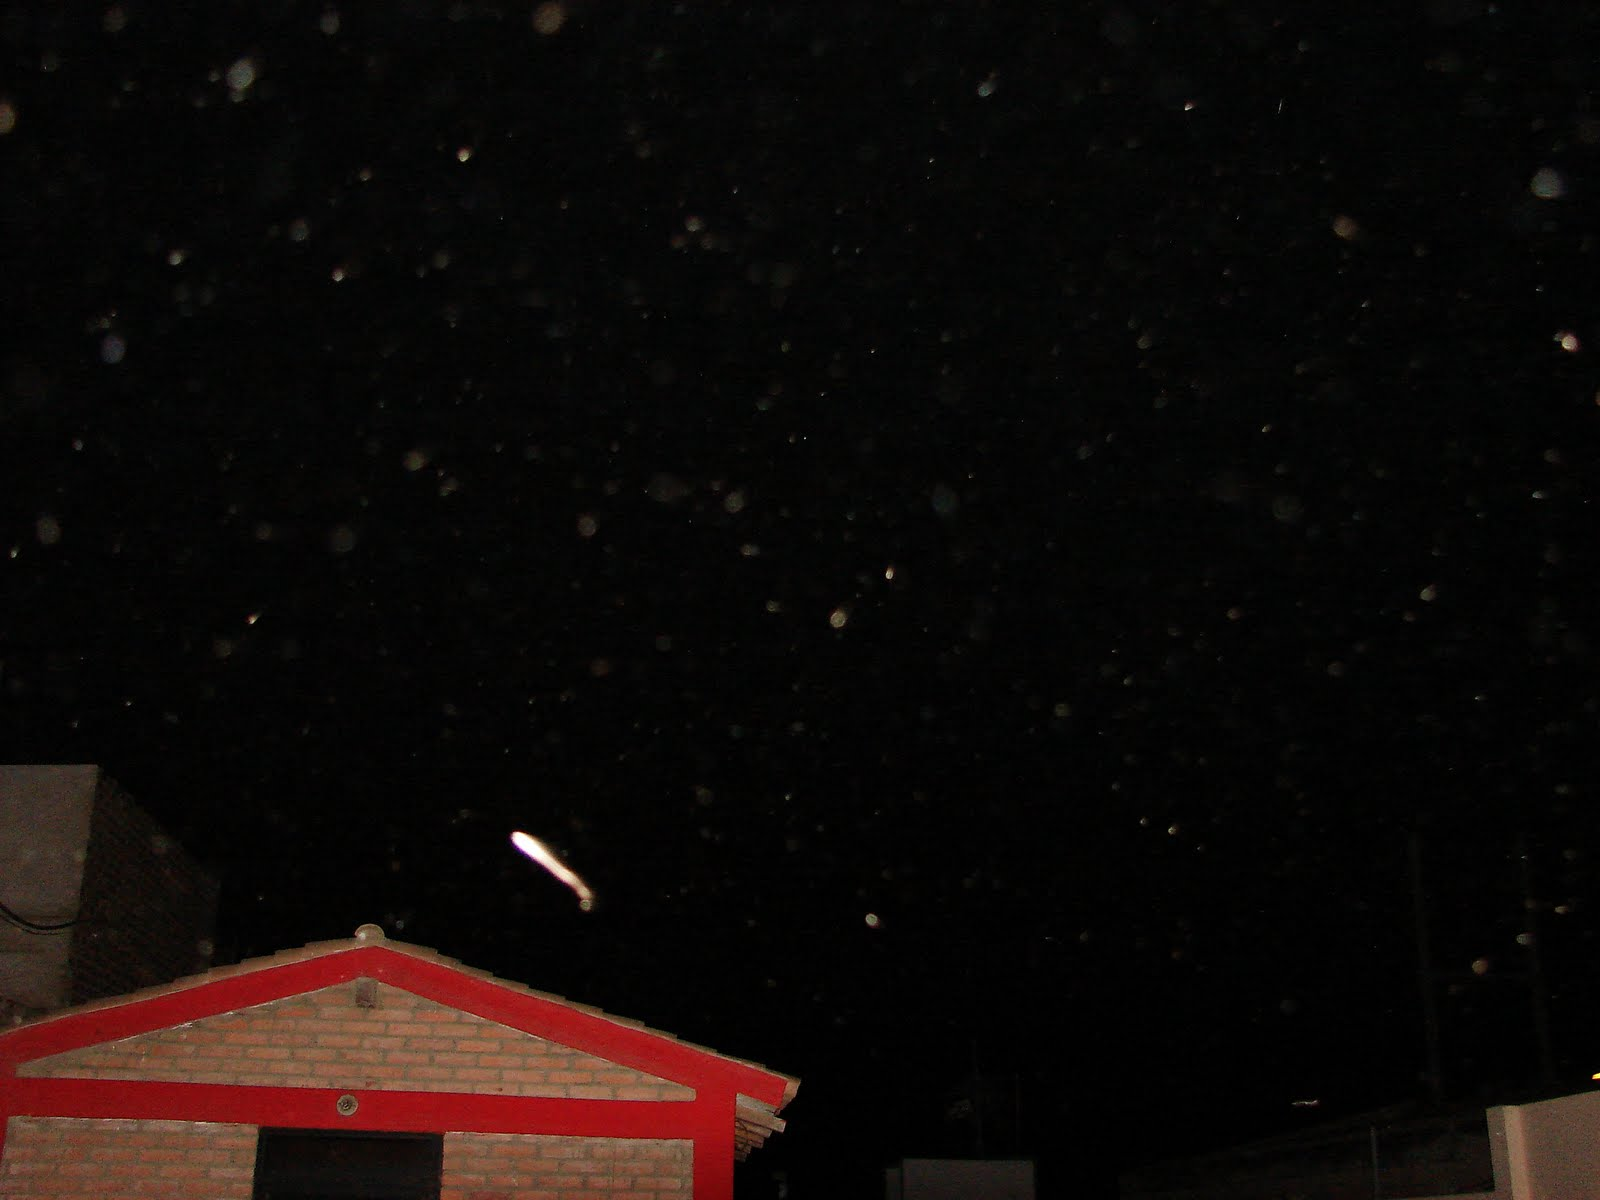 5-septiembre-6-7-8-9...2011 ultimo avistamientos ovni alargado 1:55 am